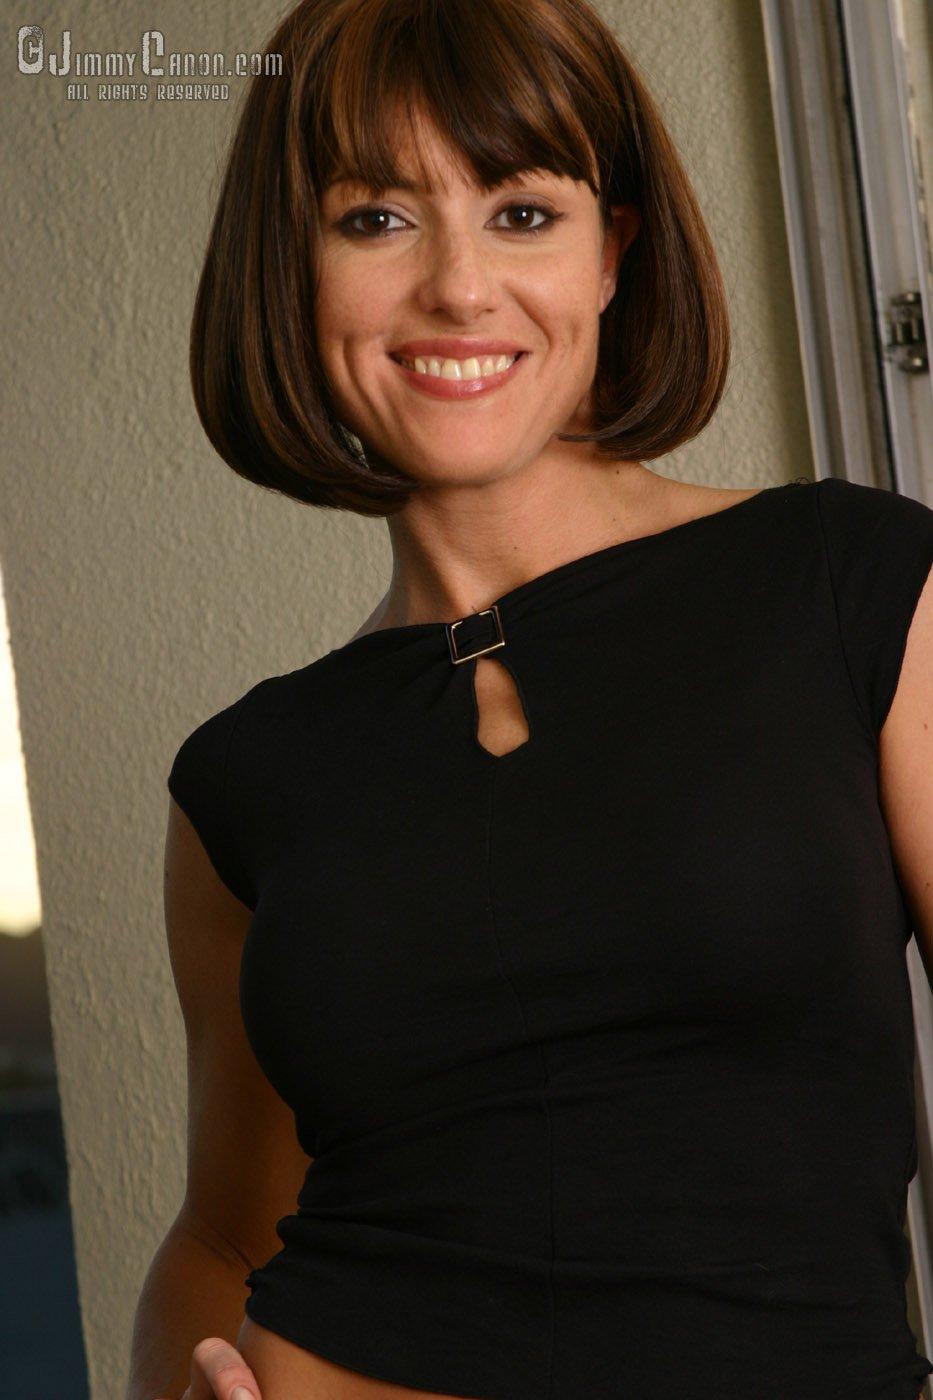 saskia porn Saskia Steele Teacher - SexPornImg.